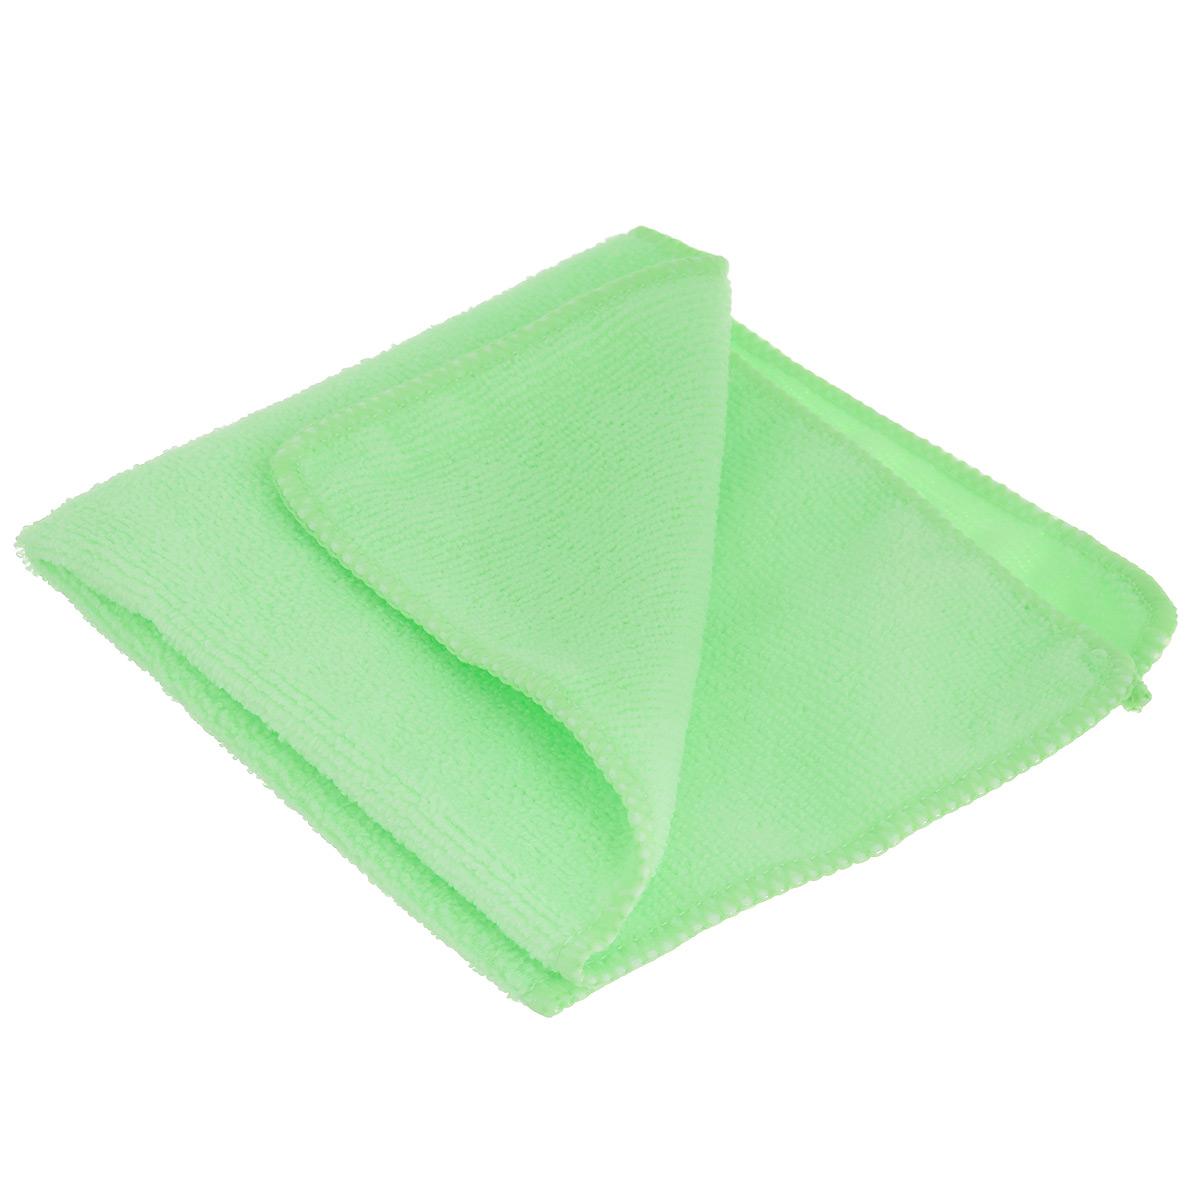 Салфетка для уборки Youll Love, цвет: салатовый, 30 х 30 см531-402Салфетка Youll Love, изготовленная из полиэфира, предназначена для очищения загрязнений на любых поверхностях. Изделие обладает высокой износоустойчивостью и рассчитано на многократное использование, легко моется в теплой воде с мягкими чистящими средствами. Супервпитывающая салфетка не оставляет разводов и ворсинок, удаляет большинство жирных и маслянистых загрязнений без использования химических средств. Размер салфетки: 30 см х 30 см.